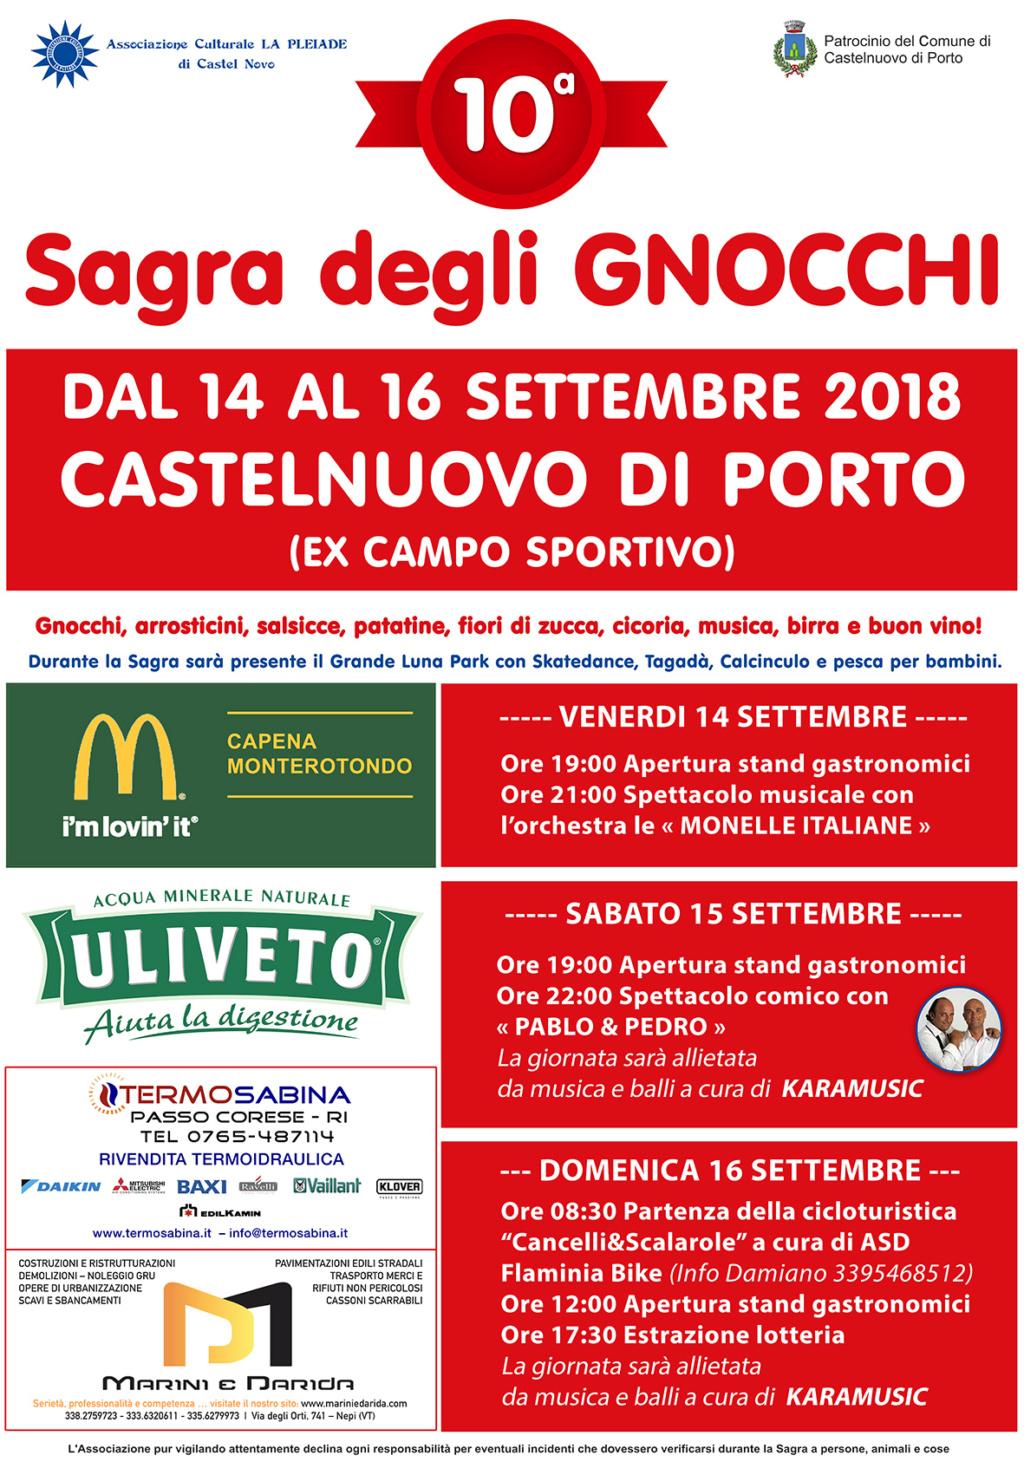 10^ SAGRA DEGLI GNOCCHI a Castelnuovo di Porto il 14, 15, 16 settembre 2018 Sagra_10